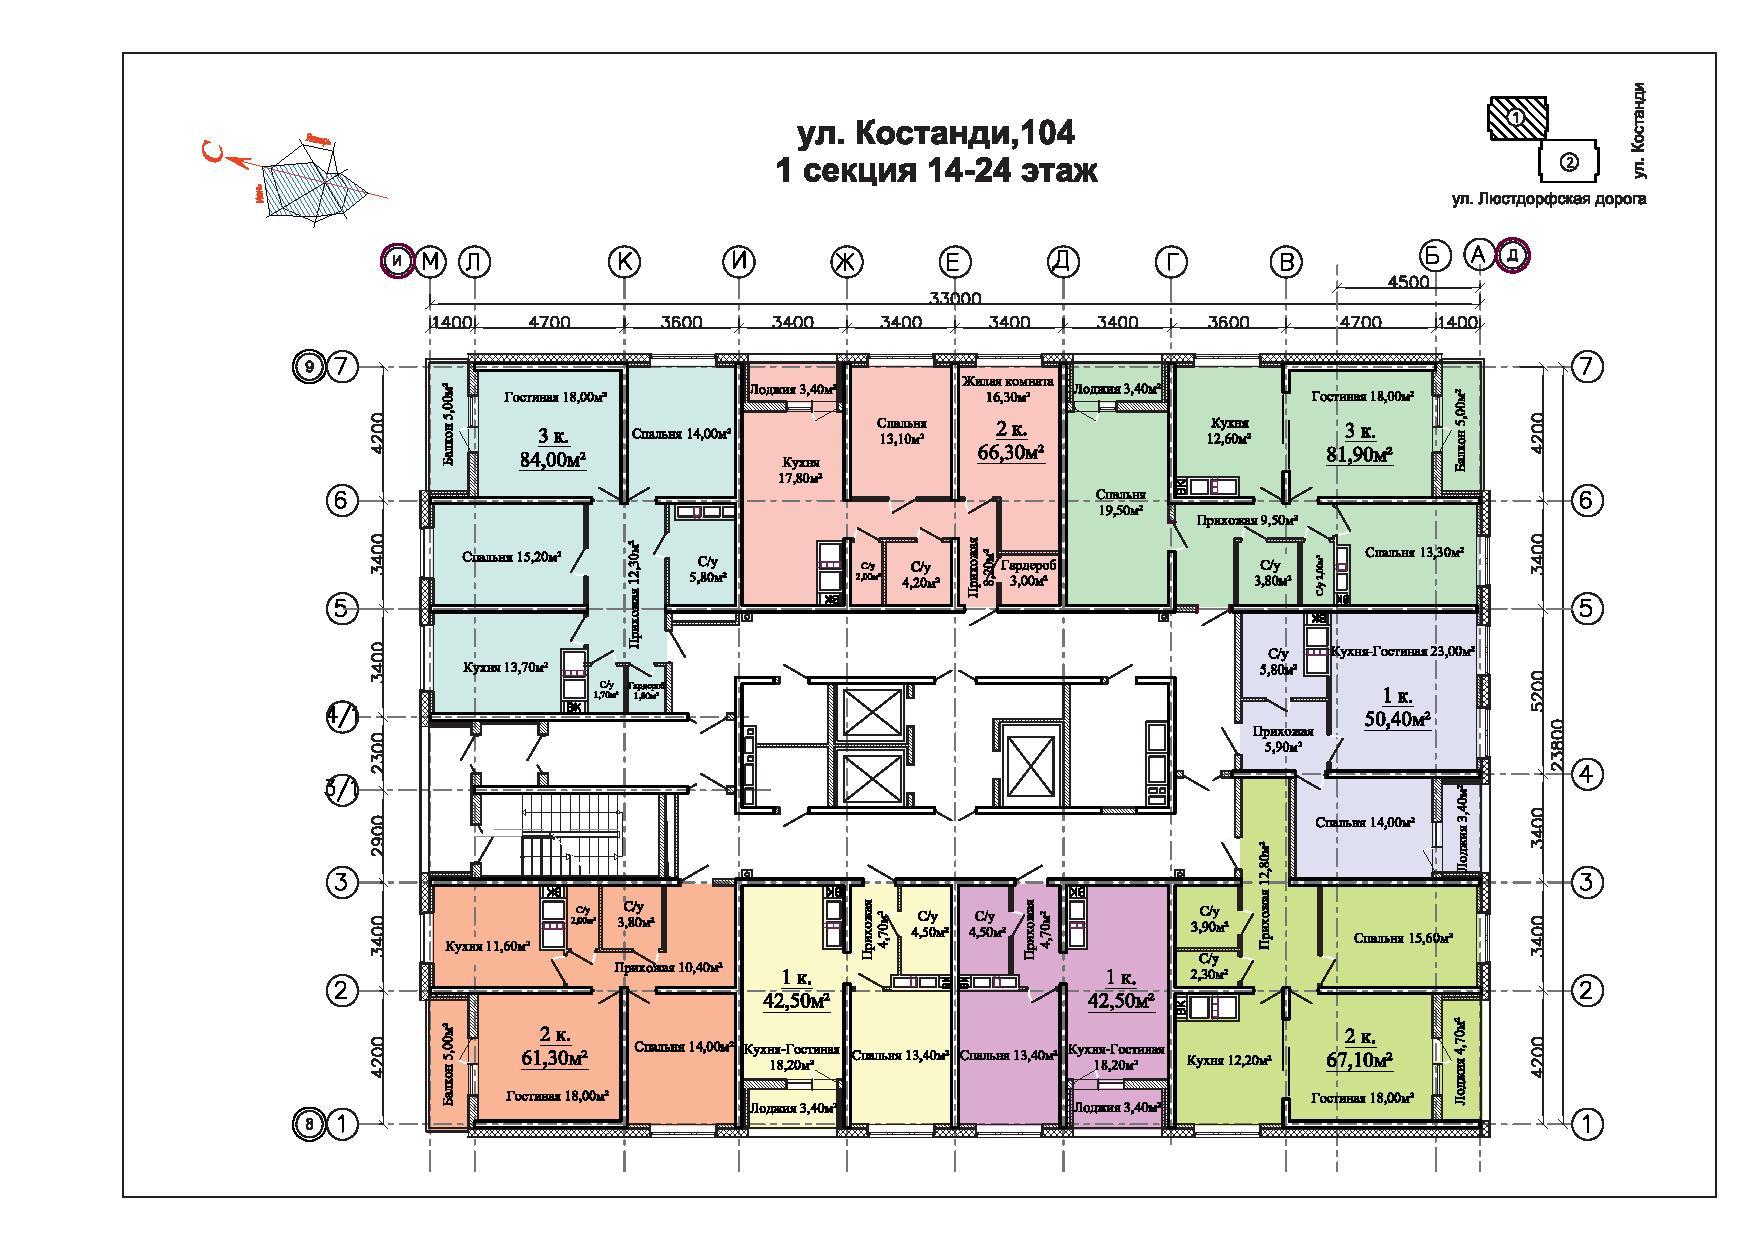 новостройка на Таирова ЖК Горизонт план 1 секции 14-24 этаж